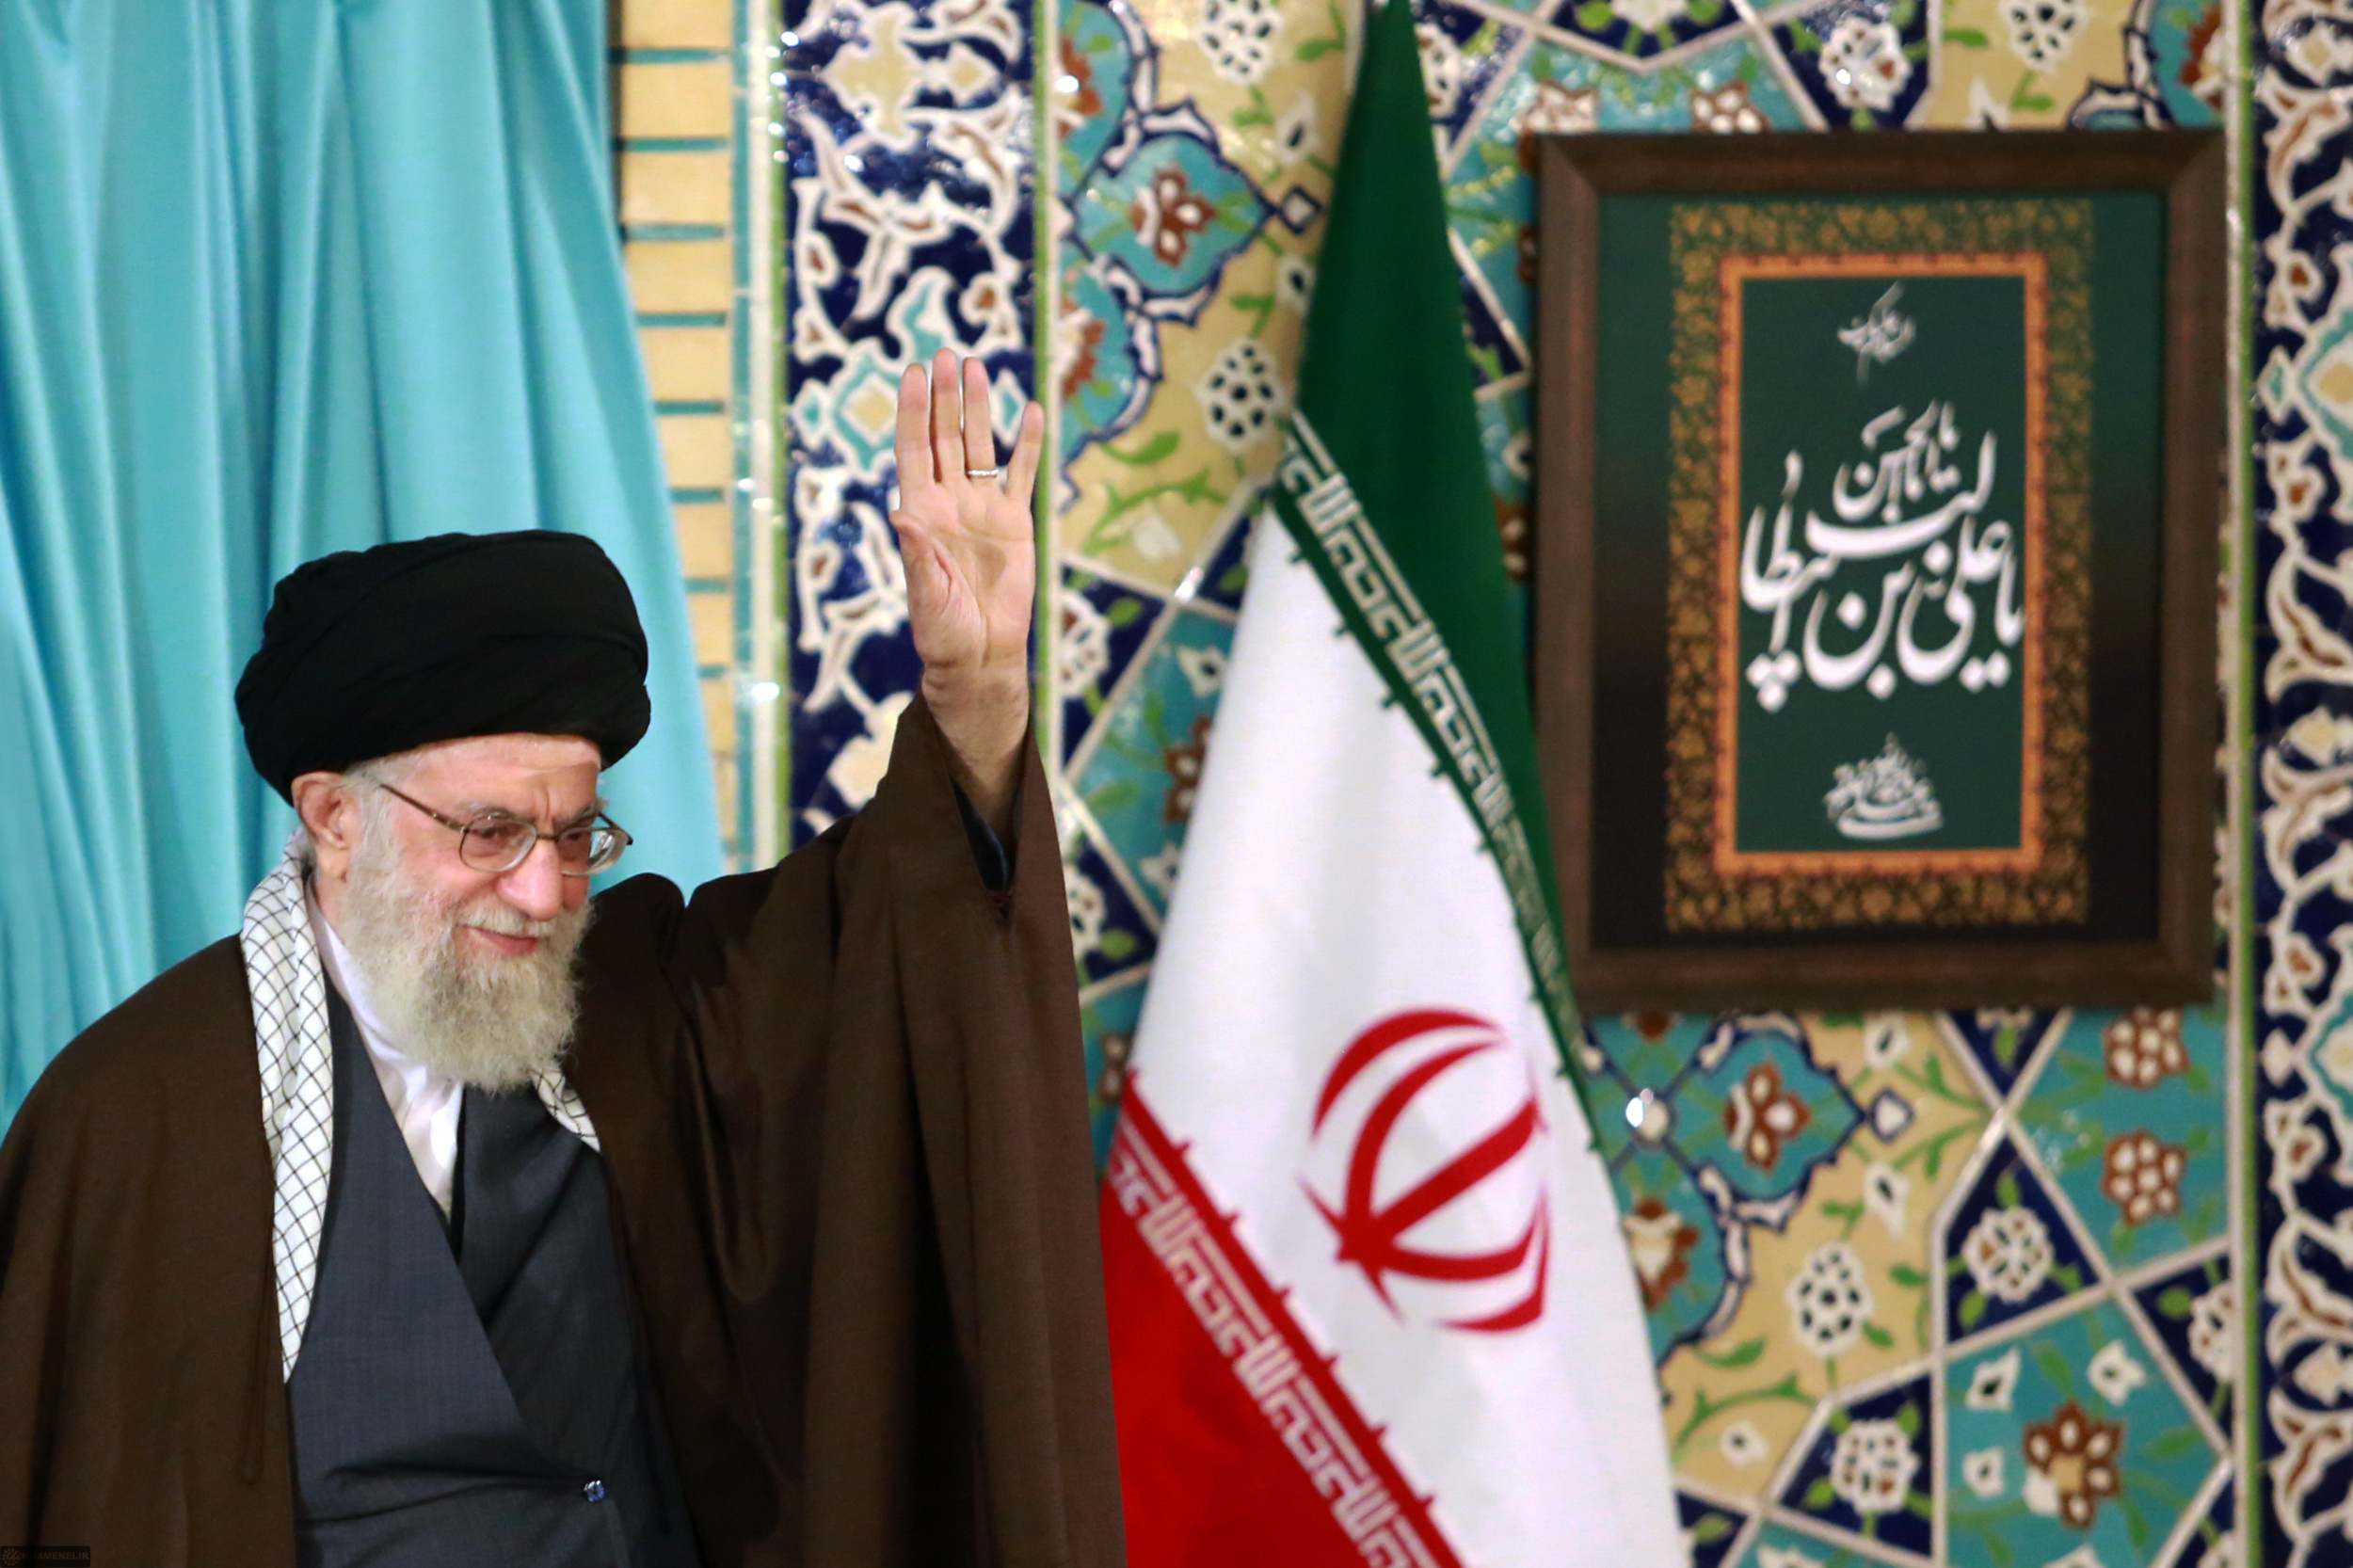 حضرت آیت الله العظمی خامنه ای - رهبر معظم انقلاب اسلامی